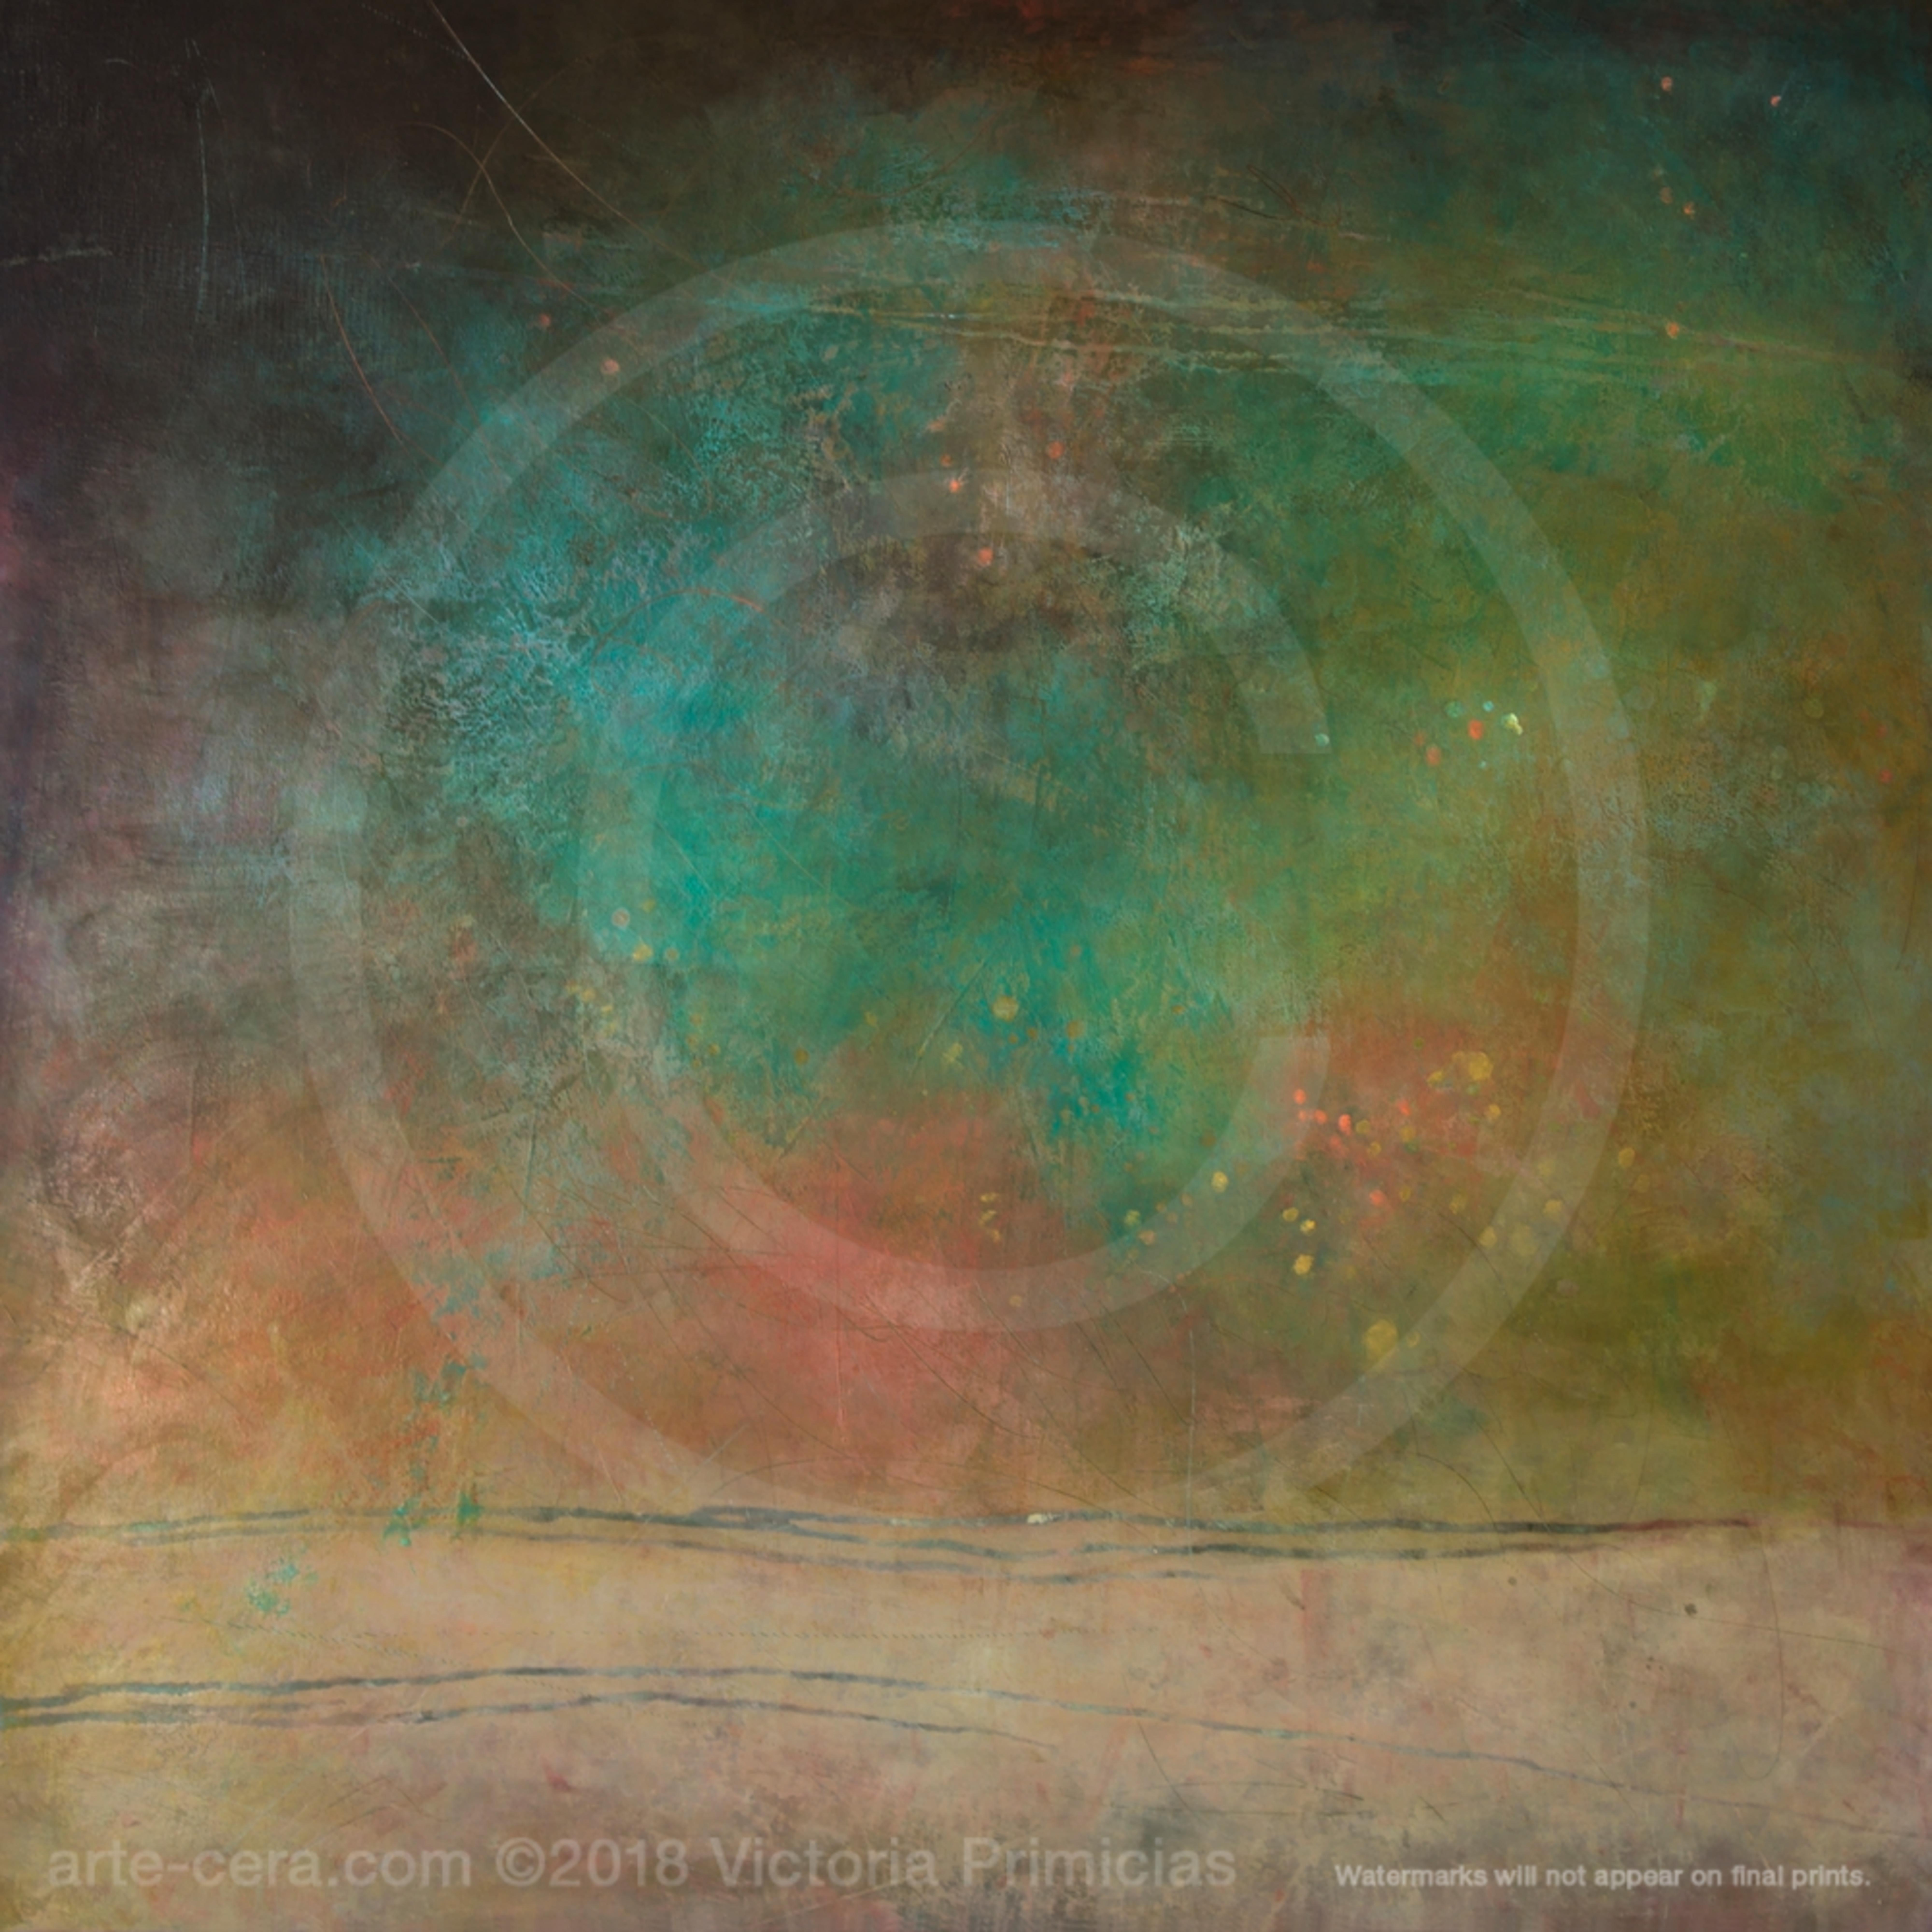 Abstract canvas wall art little lies xnyfev